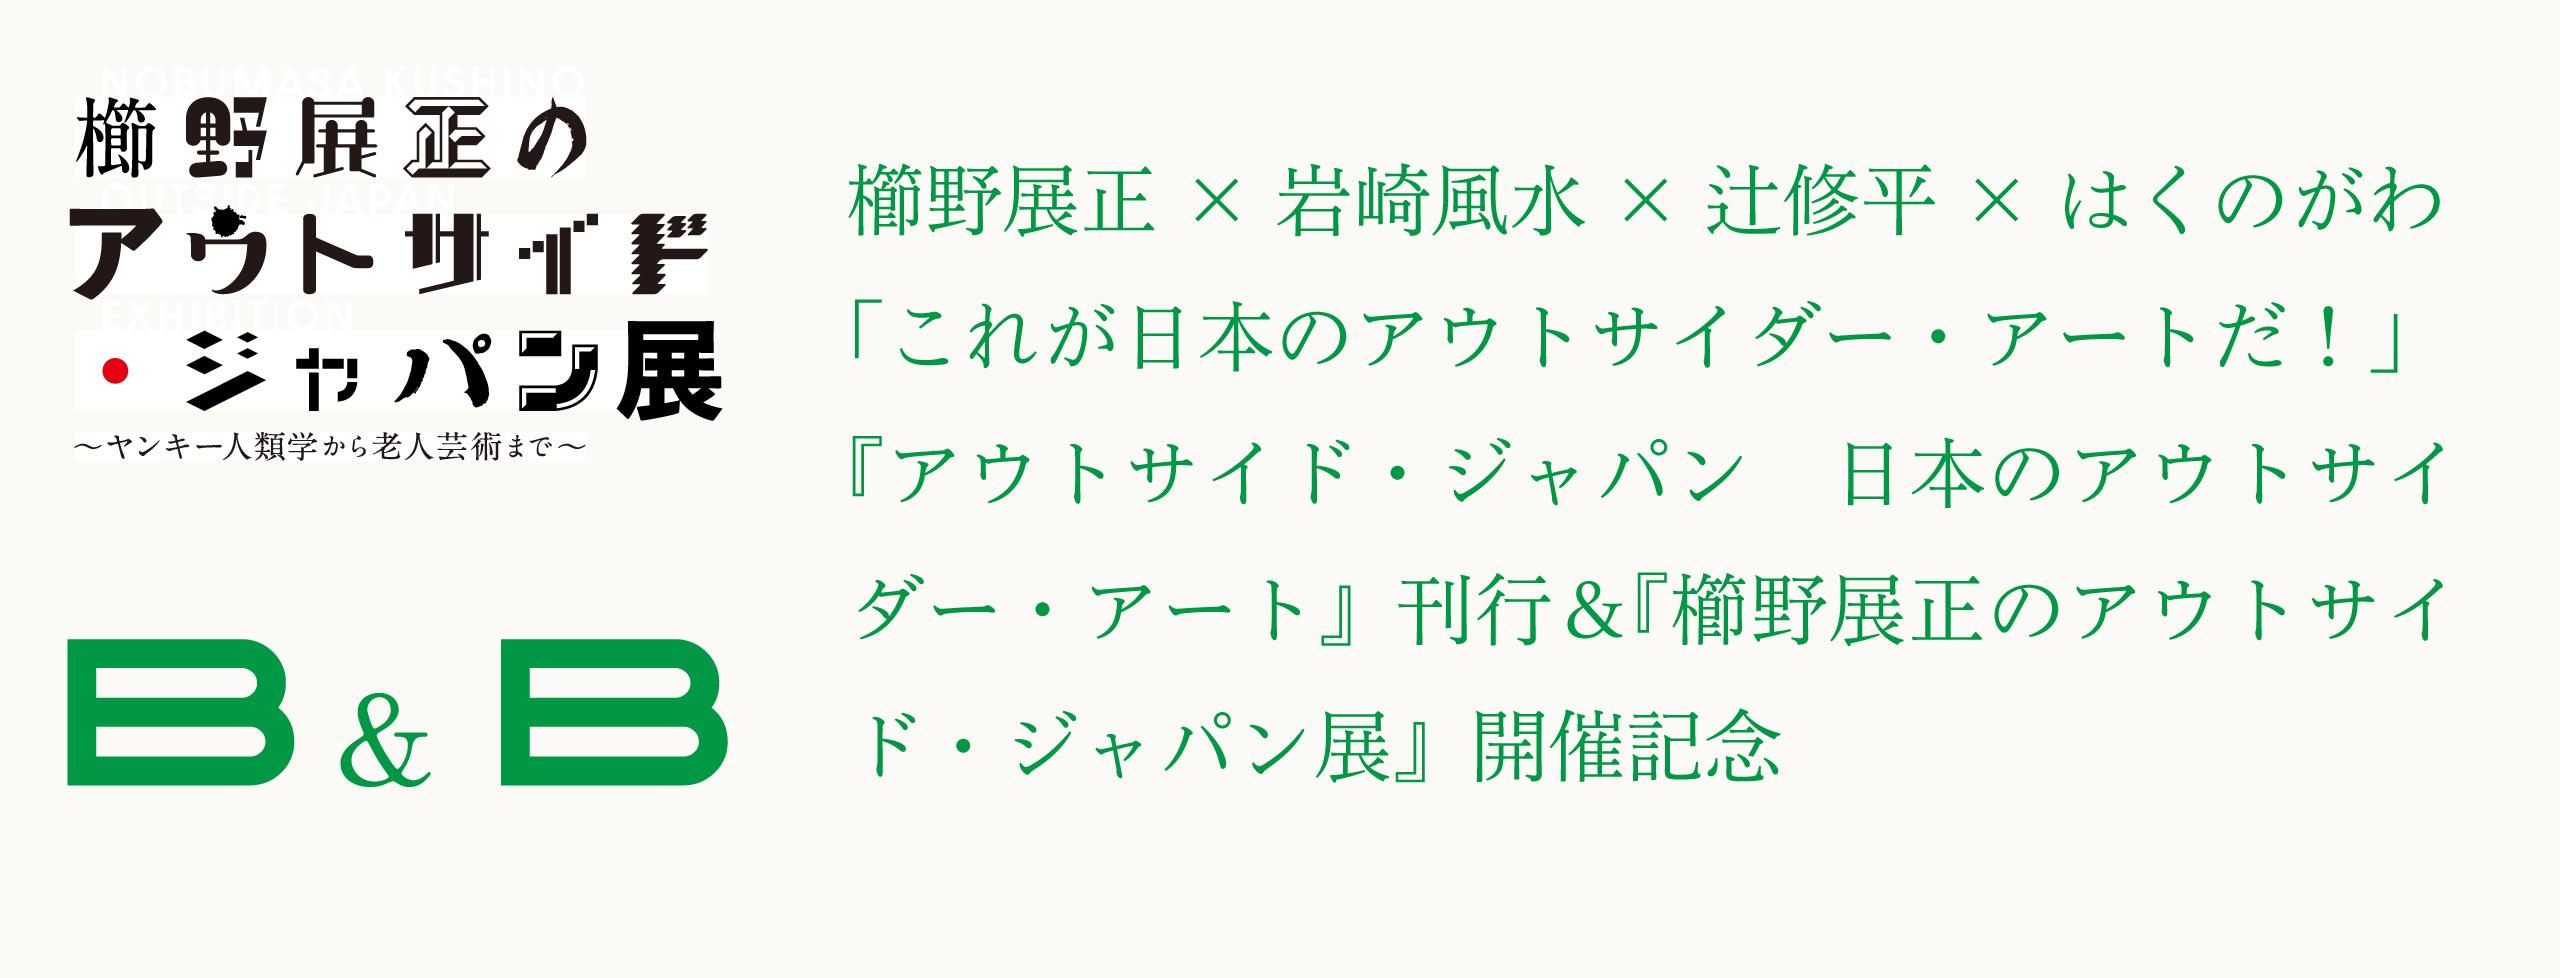 トークショー「これが日本のアウトサイダー・アートだ!」